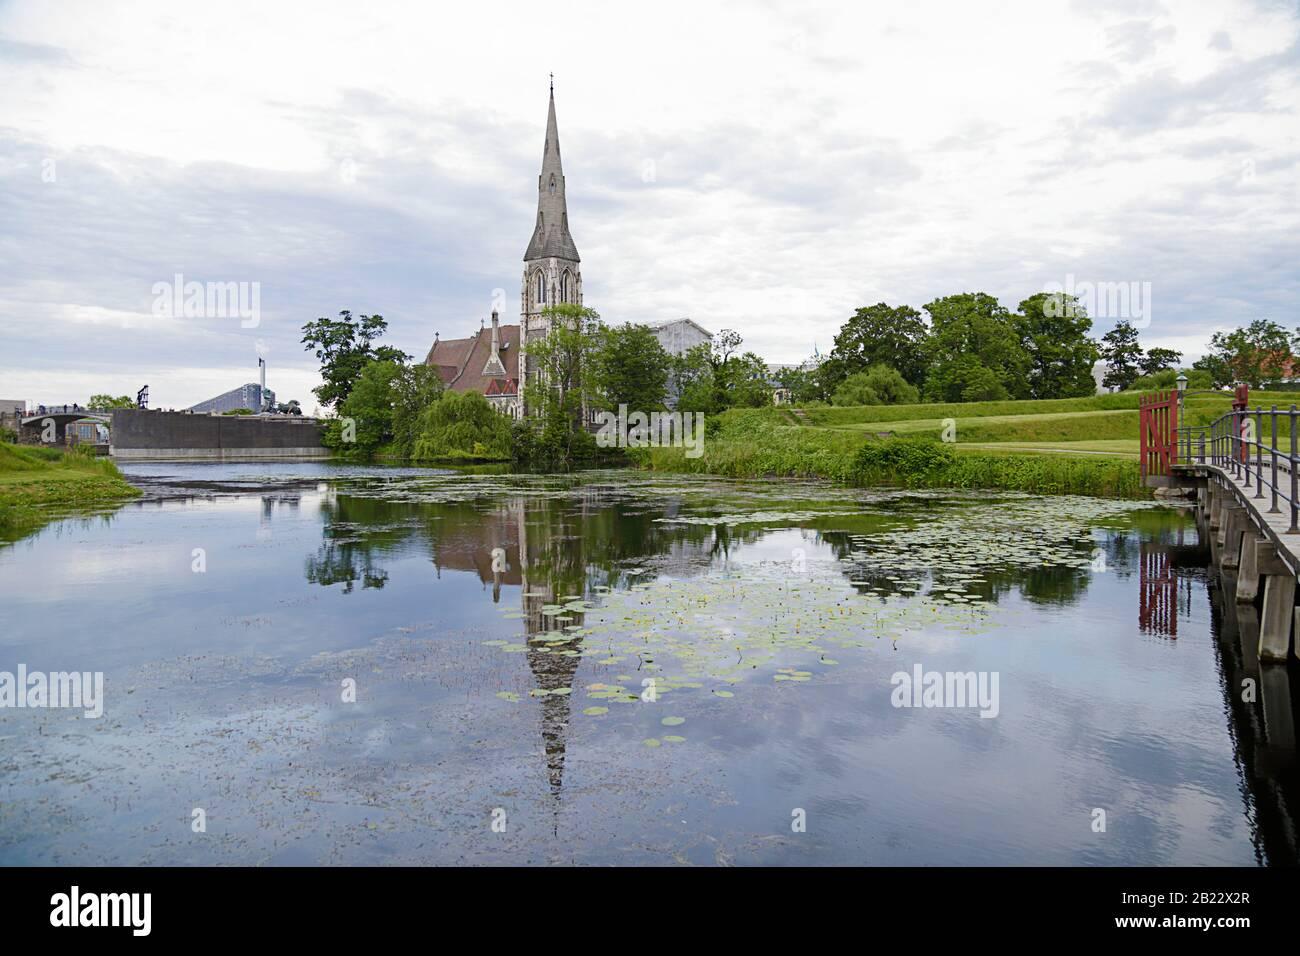 Iglesia de San Albans, una iglesia anglicana en Copenhague, Dinamarca Foto de stock